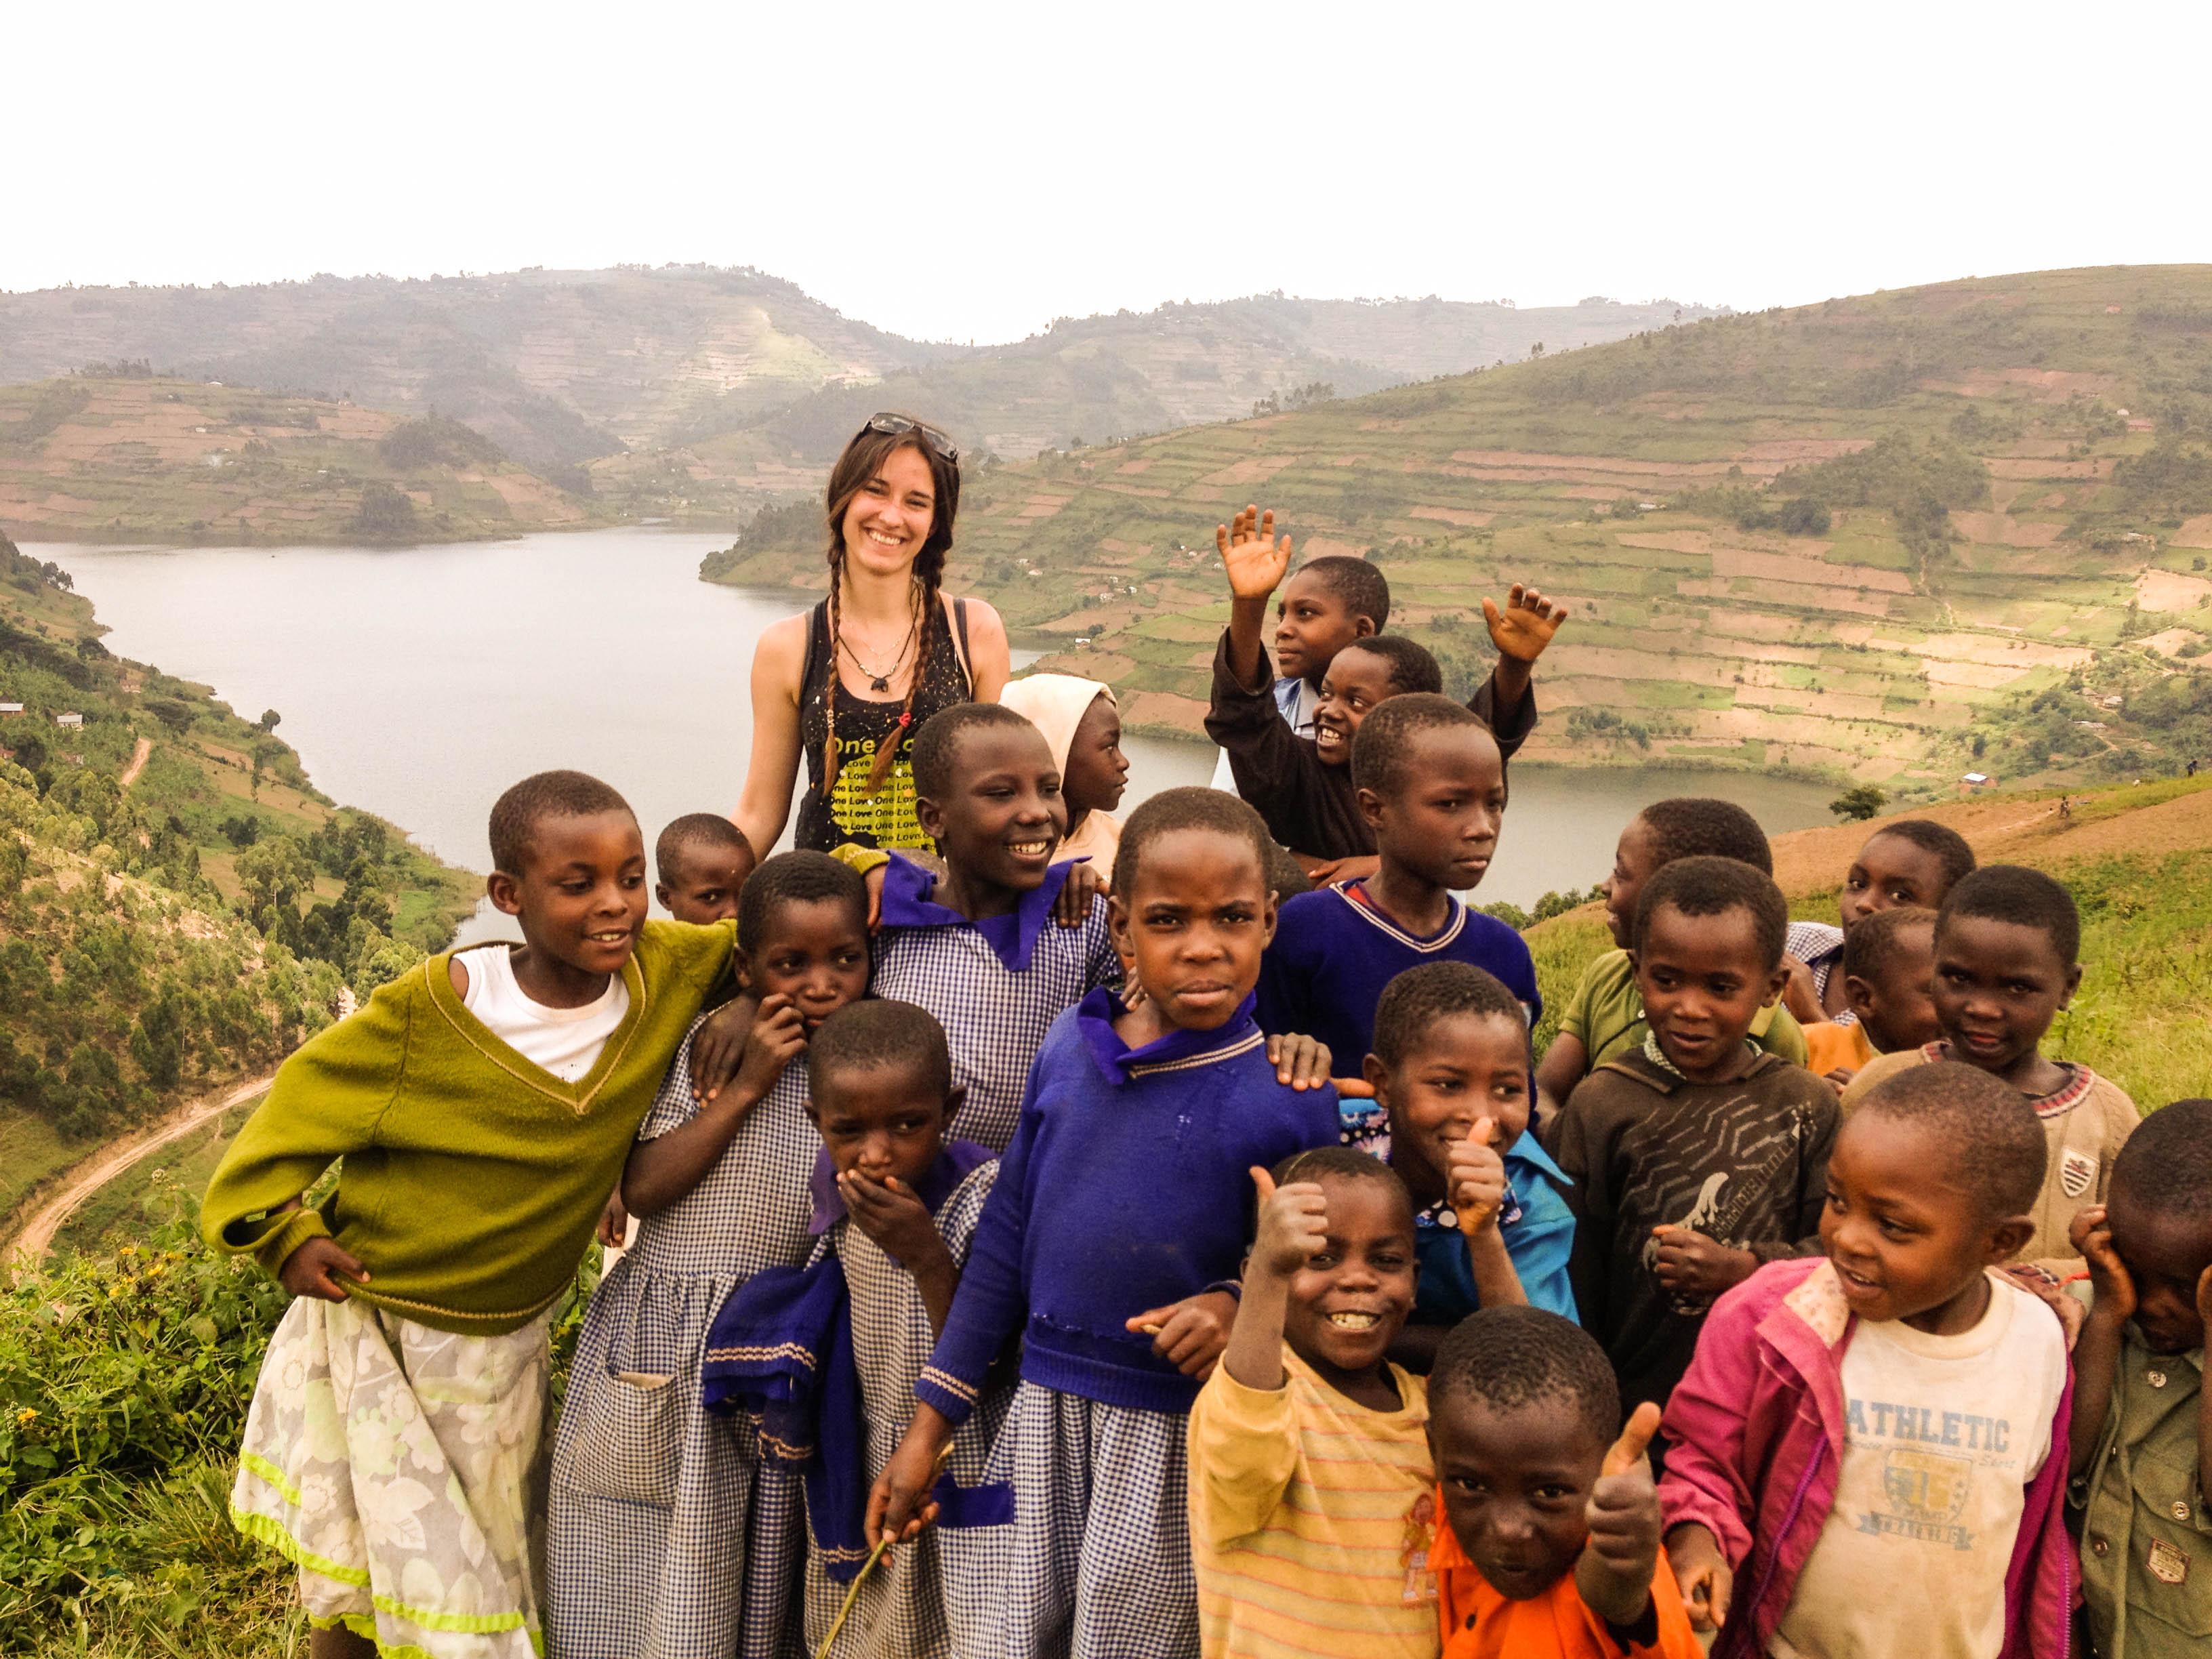 pygmies children kasia kowalczyk z twins on tour